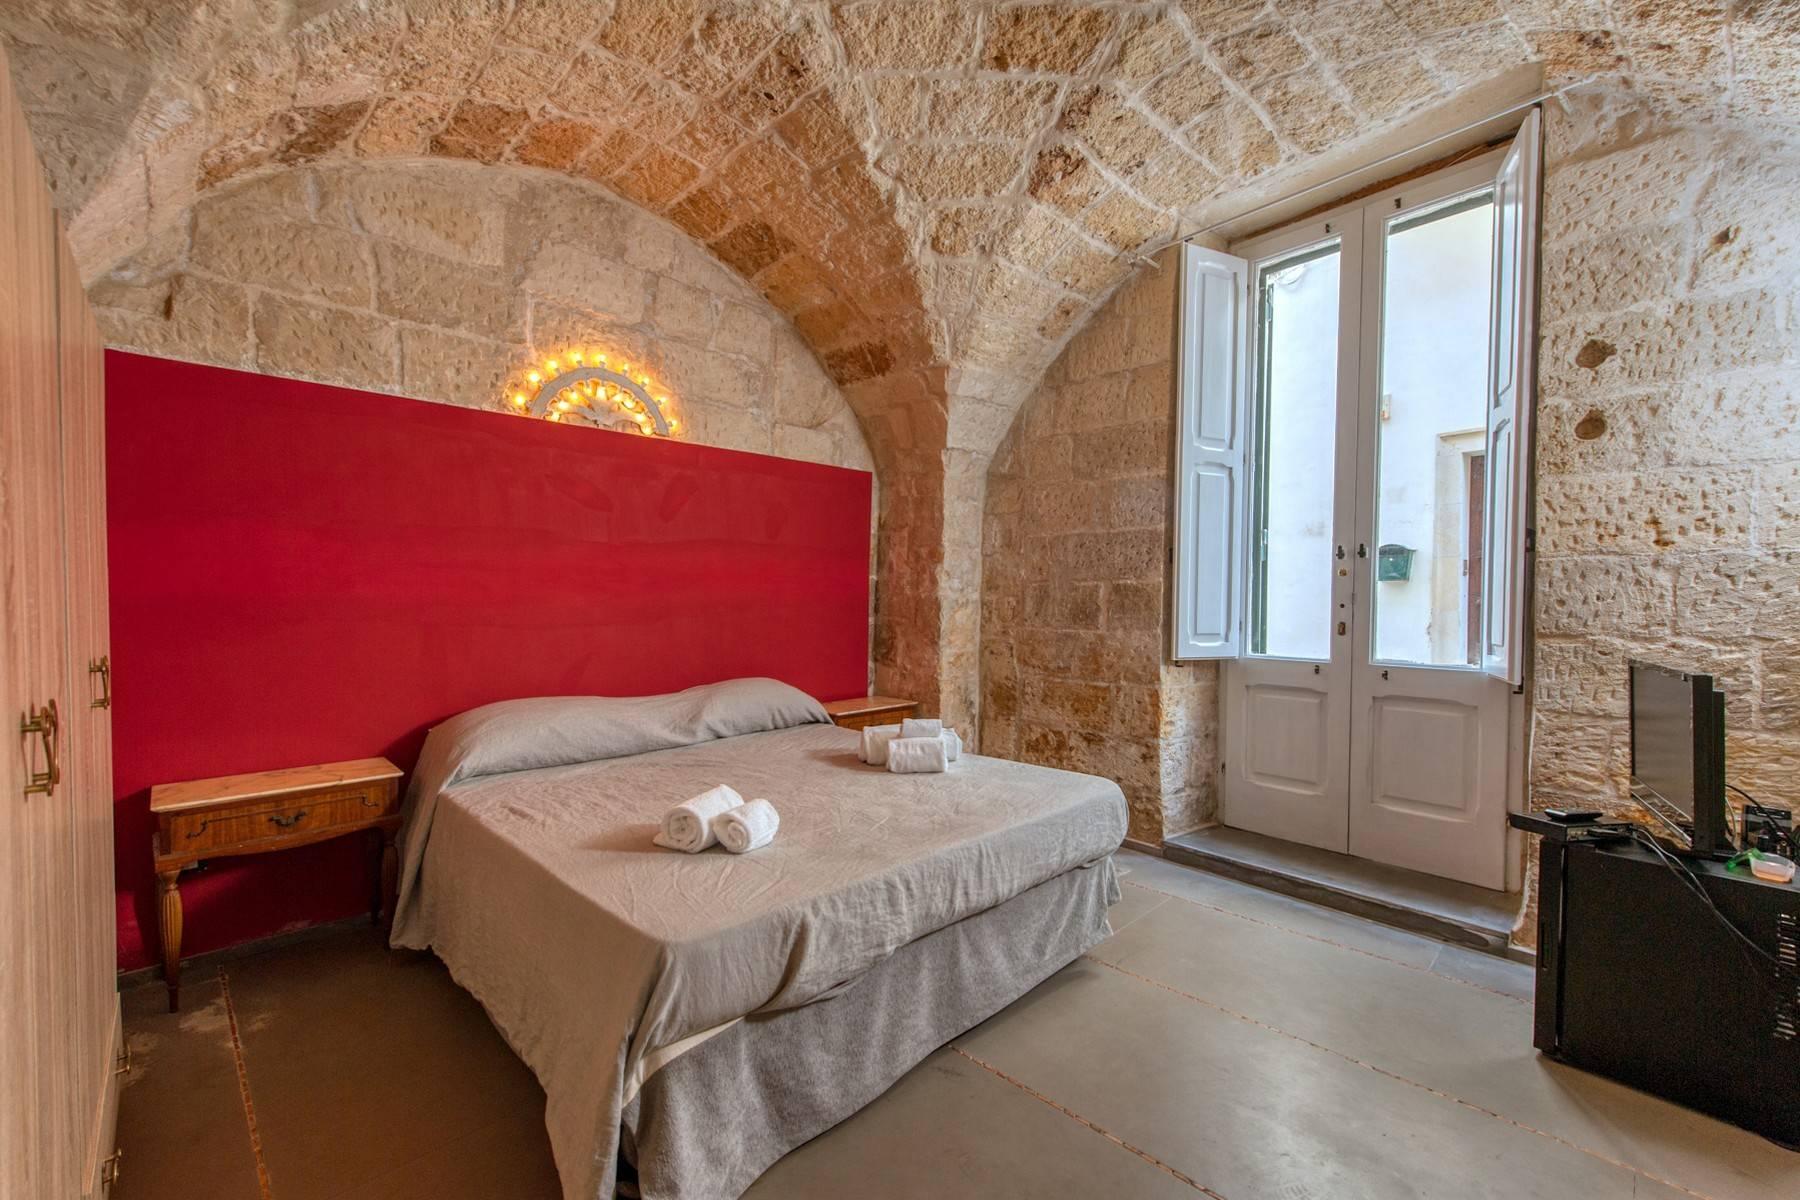 Casa indipendente in Vendita a Lecce: 5 locali, 180 mq - Foto 8